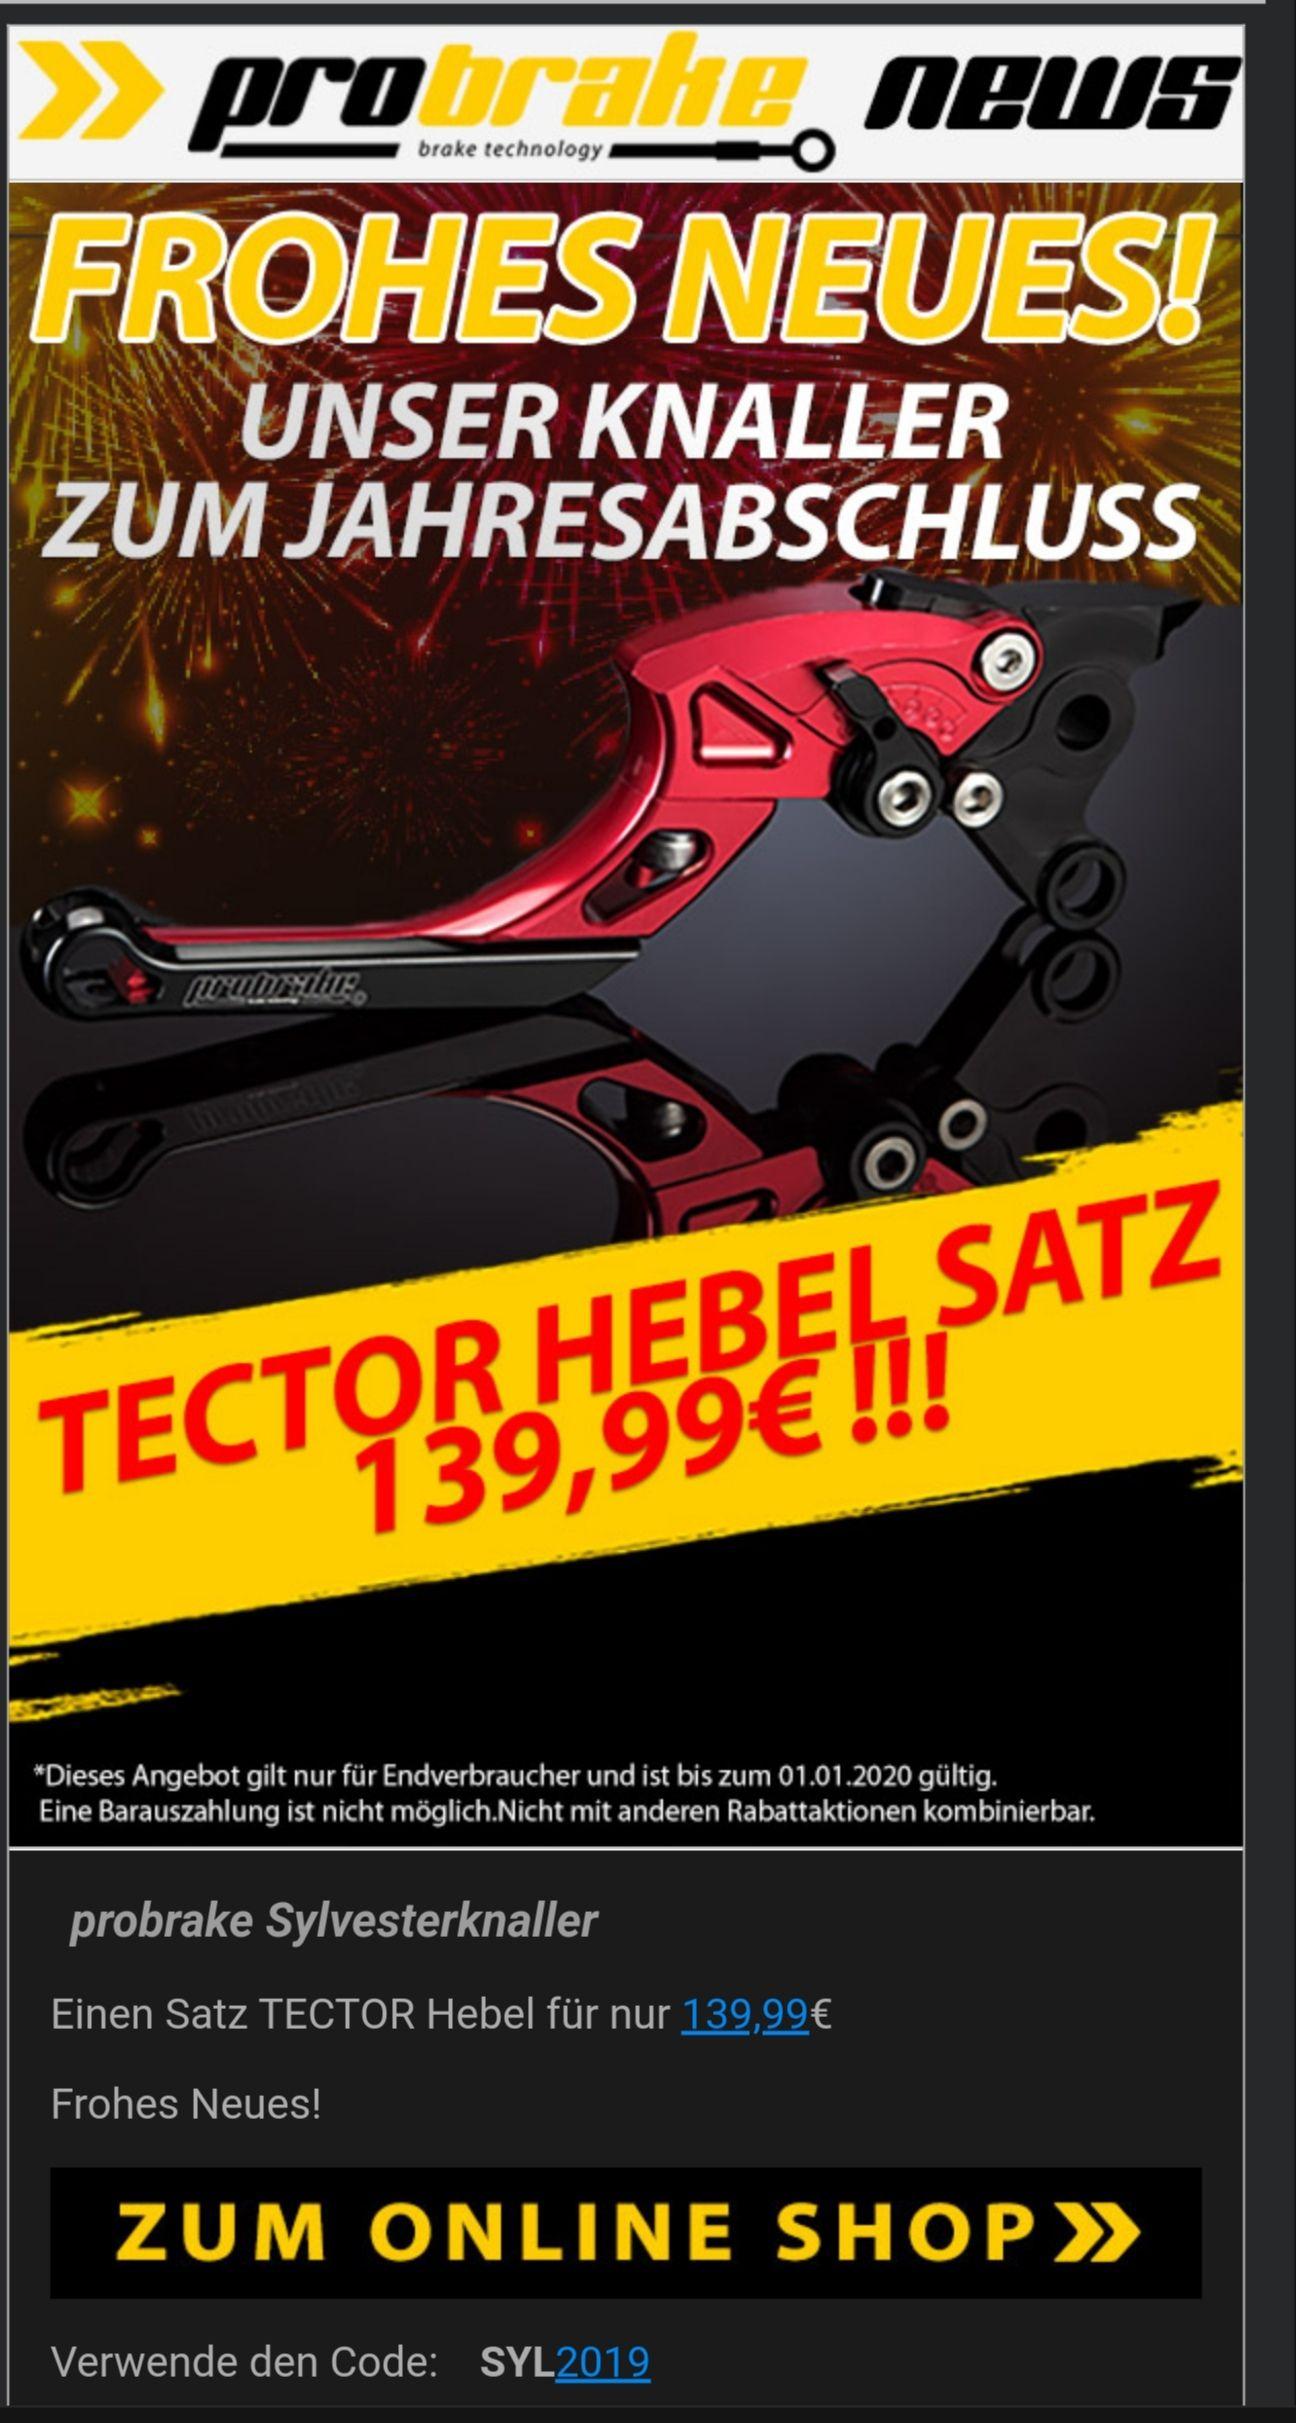 [Motorrad] Probrake Tector Set Kupplung & Bremshebel für 139.99